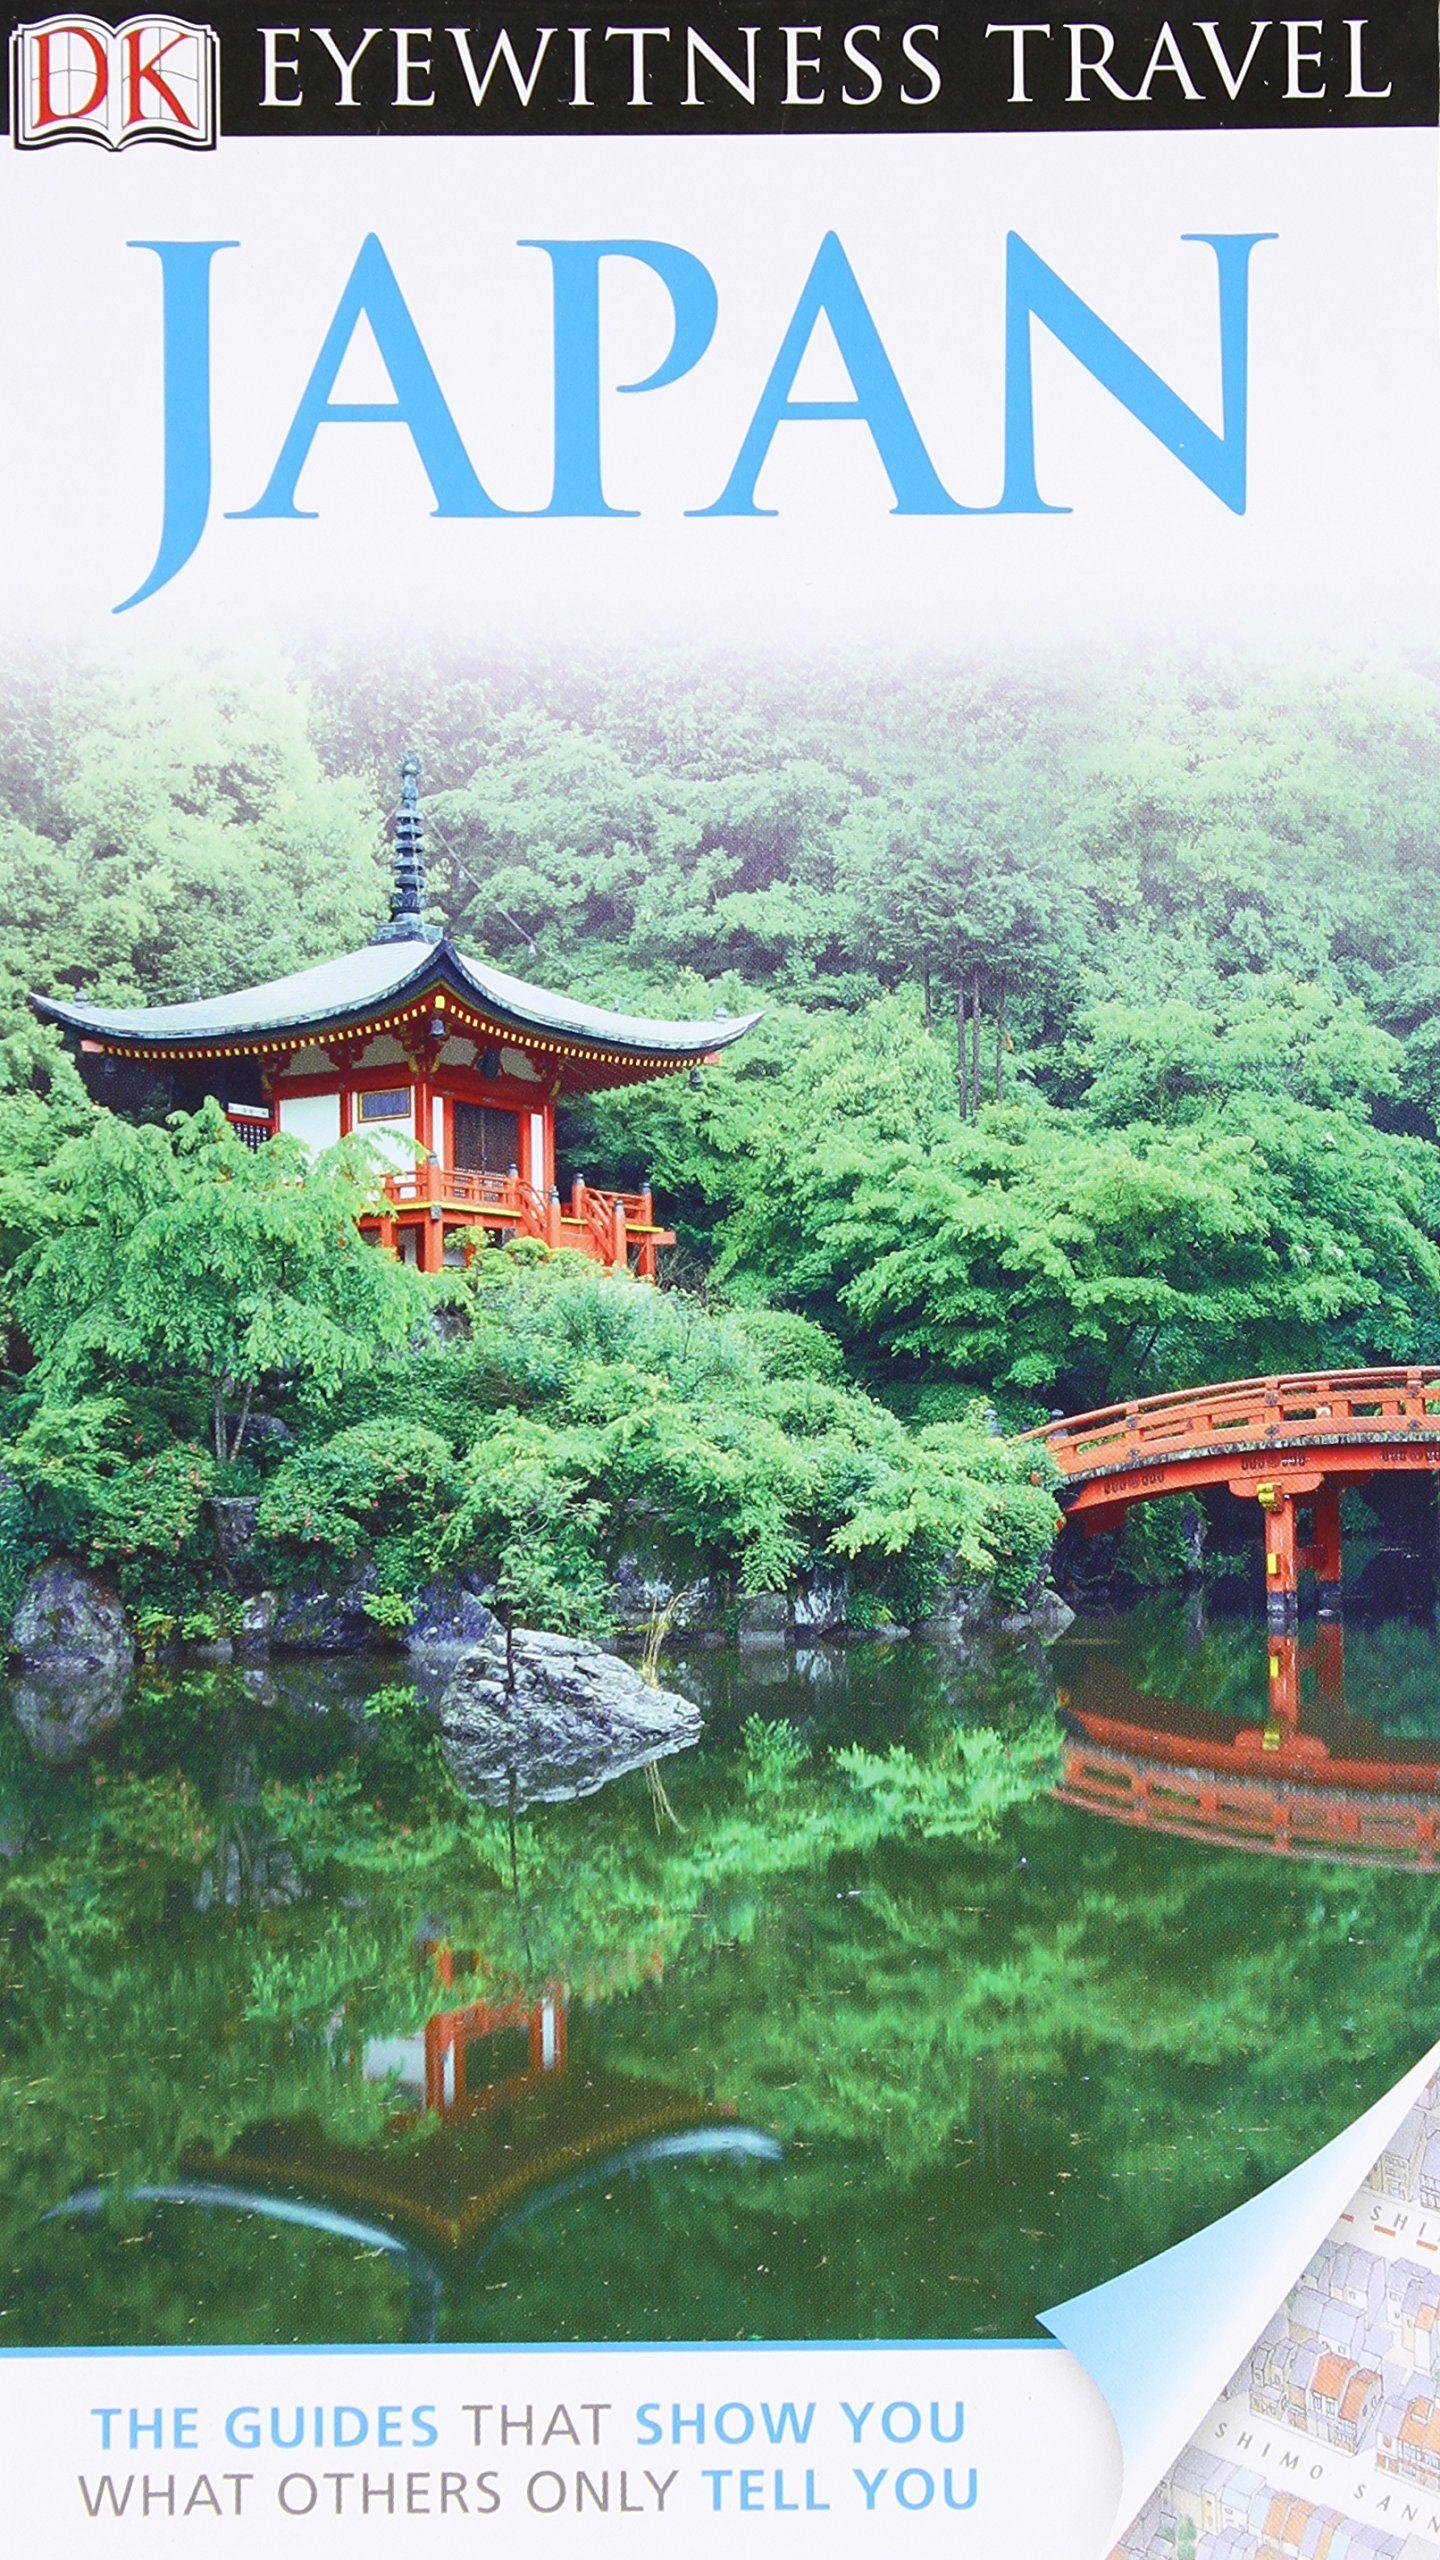 eyewitness travel guides japan